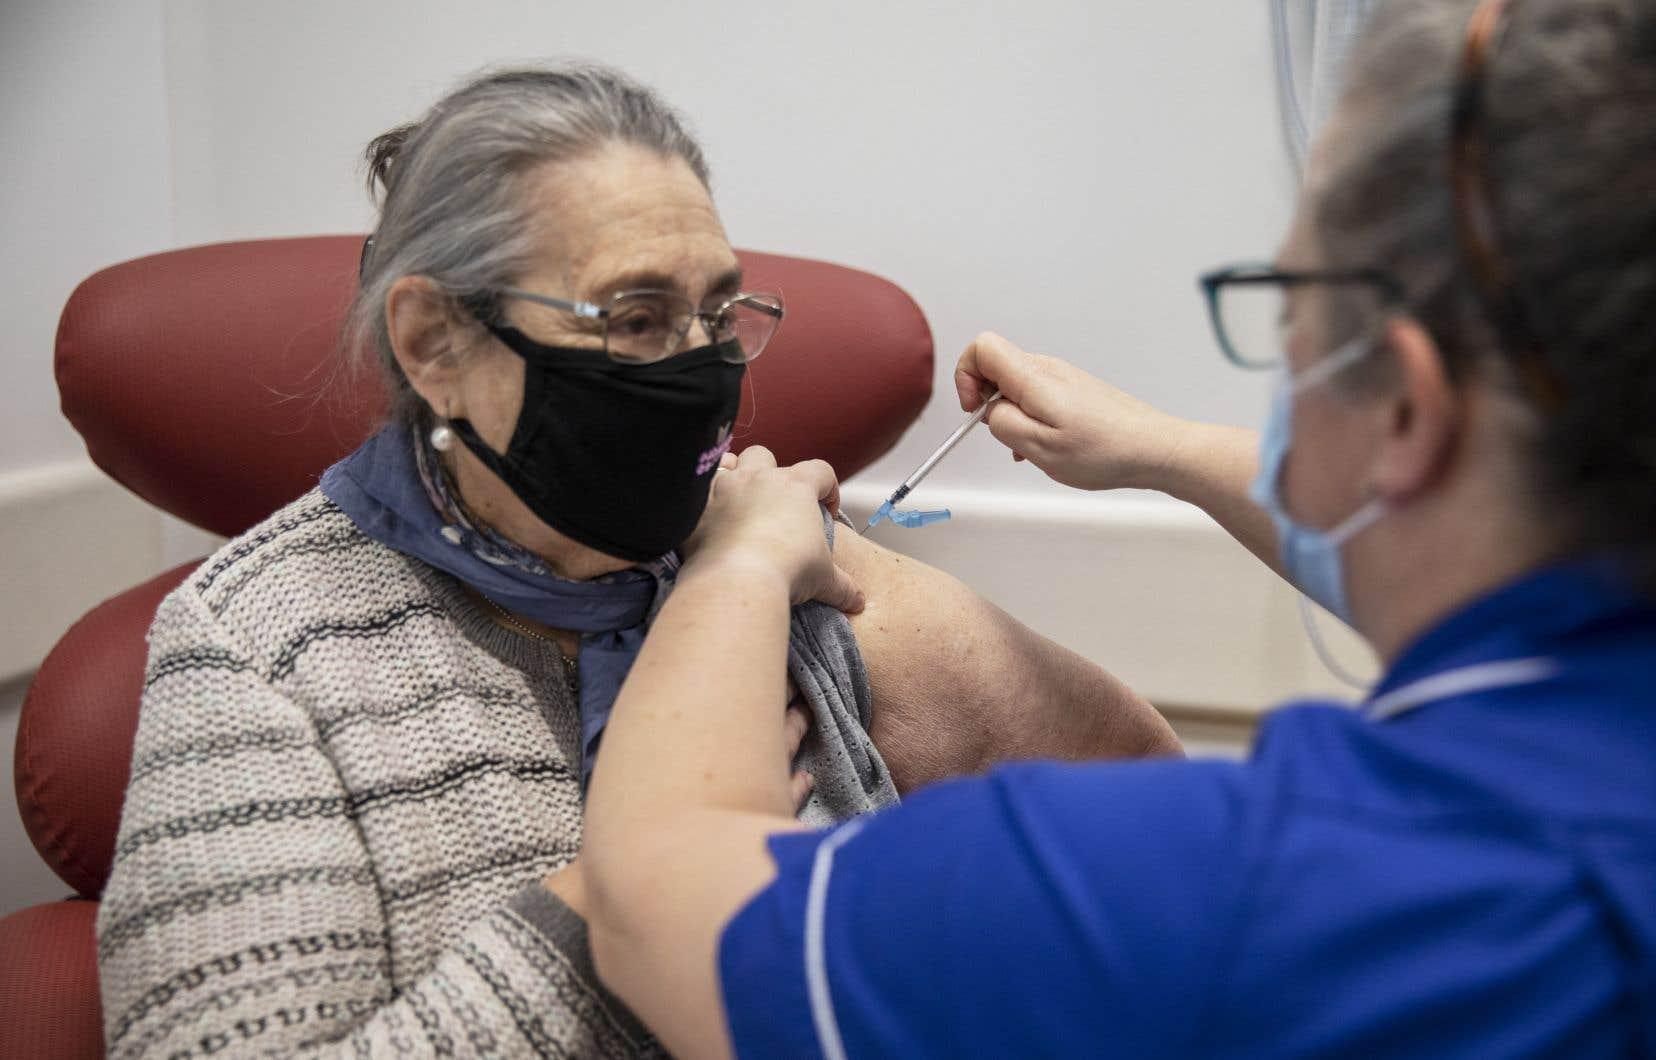 L'étude de Public Health England conclut que ces deux vaccins présentent une efficacité de plus de 80% pour prévenir les hospitalisations chez les plus de 80ans trois à quatre semaines après la première injection.